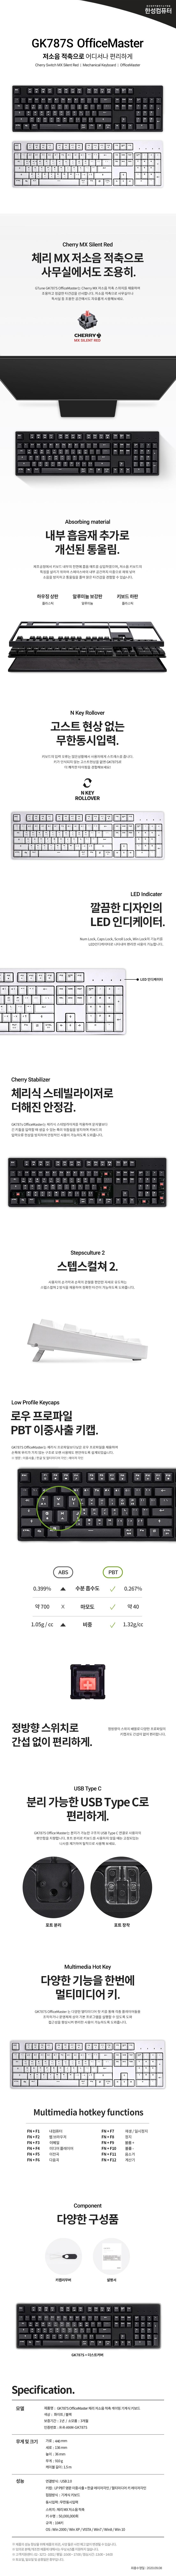 한성컴퓨터 GK787S OfficeMaster 체리 기계식키보드 (화이트, 저소음 적축)